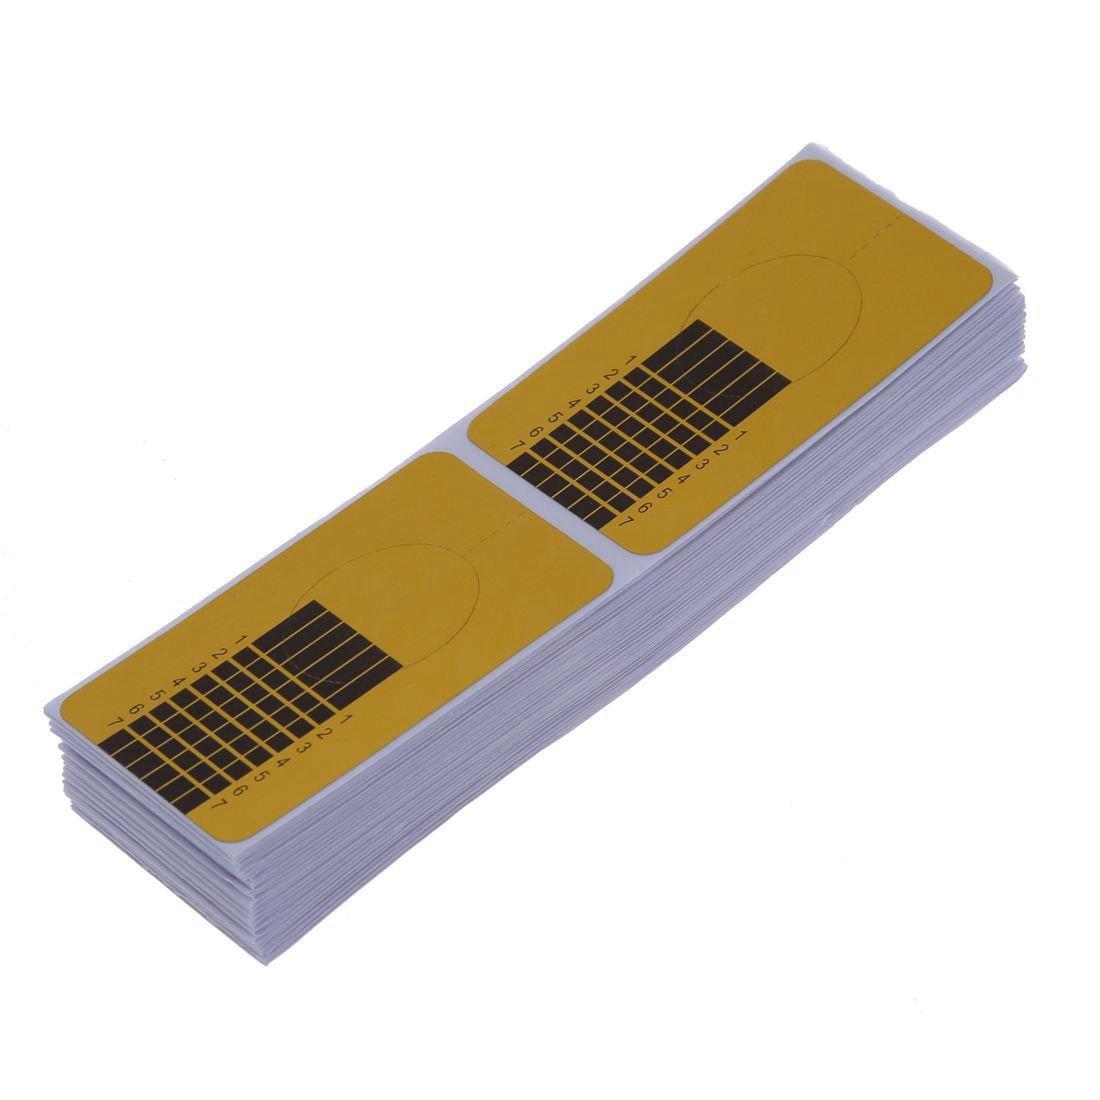 Cikuso 100xネイルアートチップ ゴールデン拡張ガイドフォーム DIYツール アクリル系UVジェル B07N98BNP7